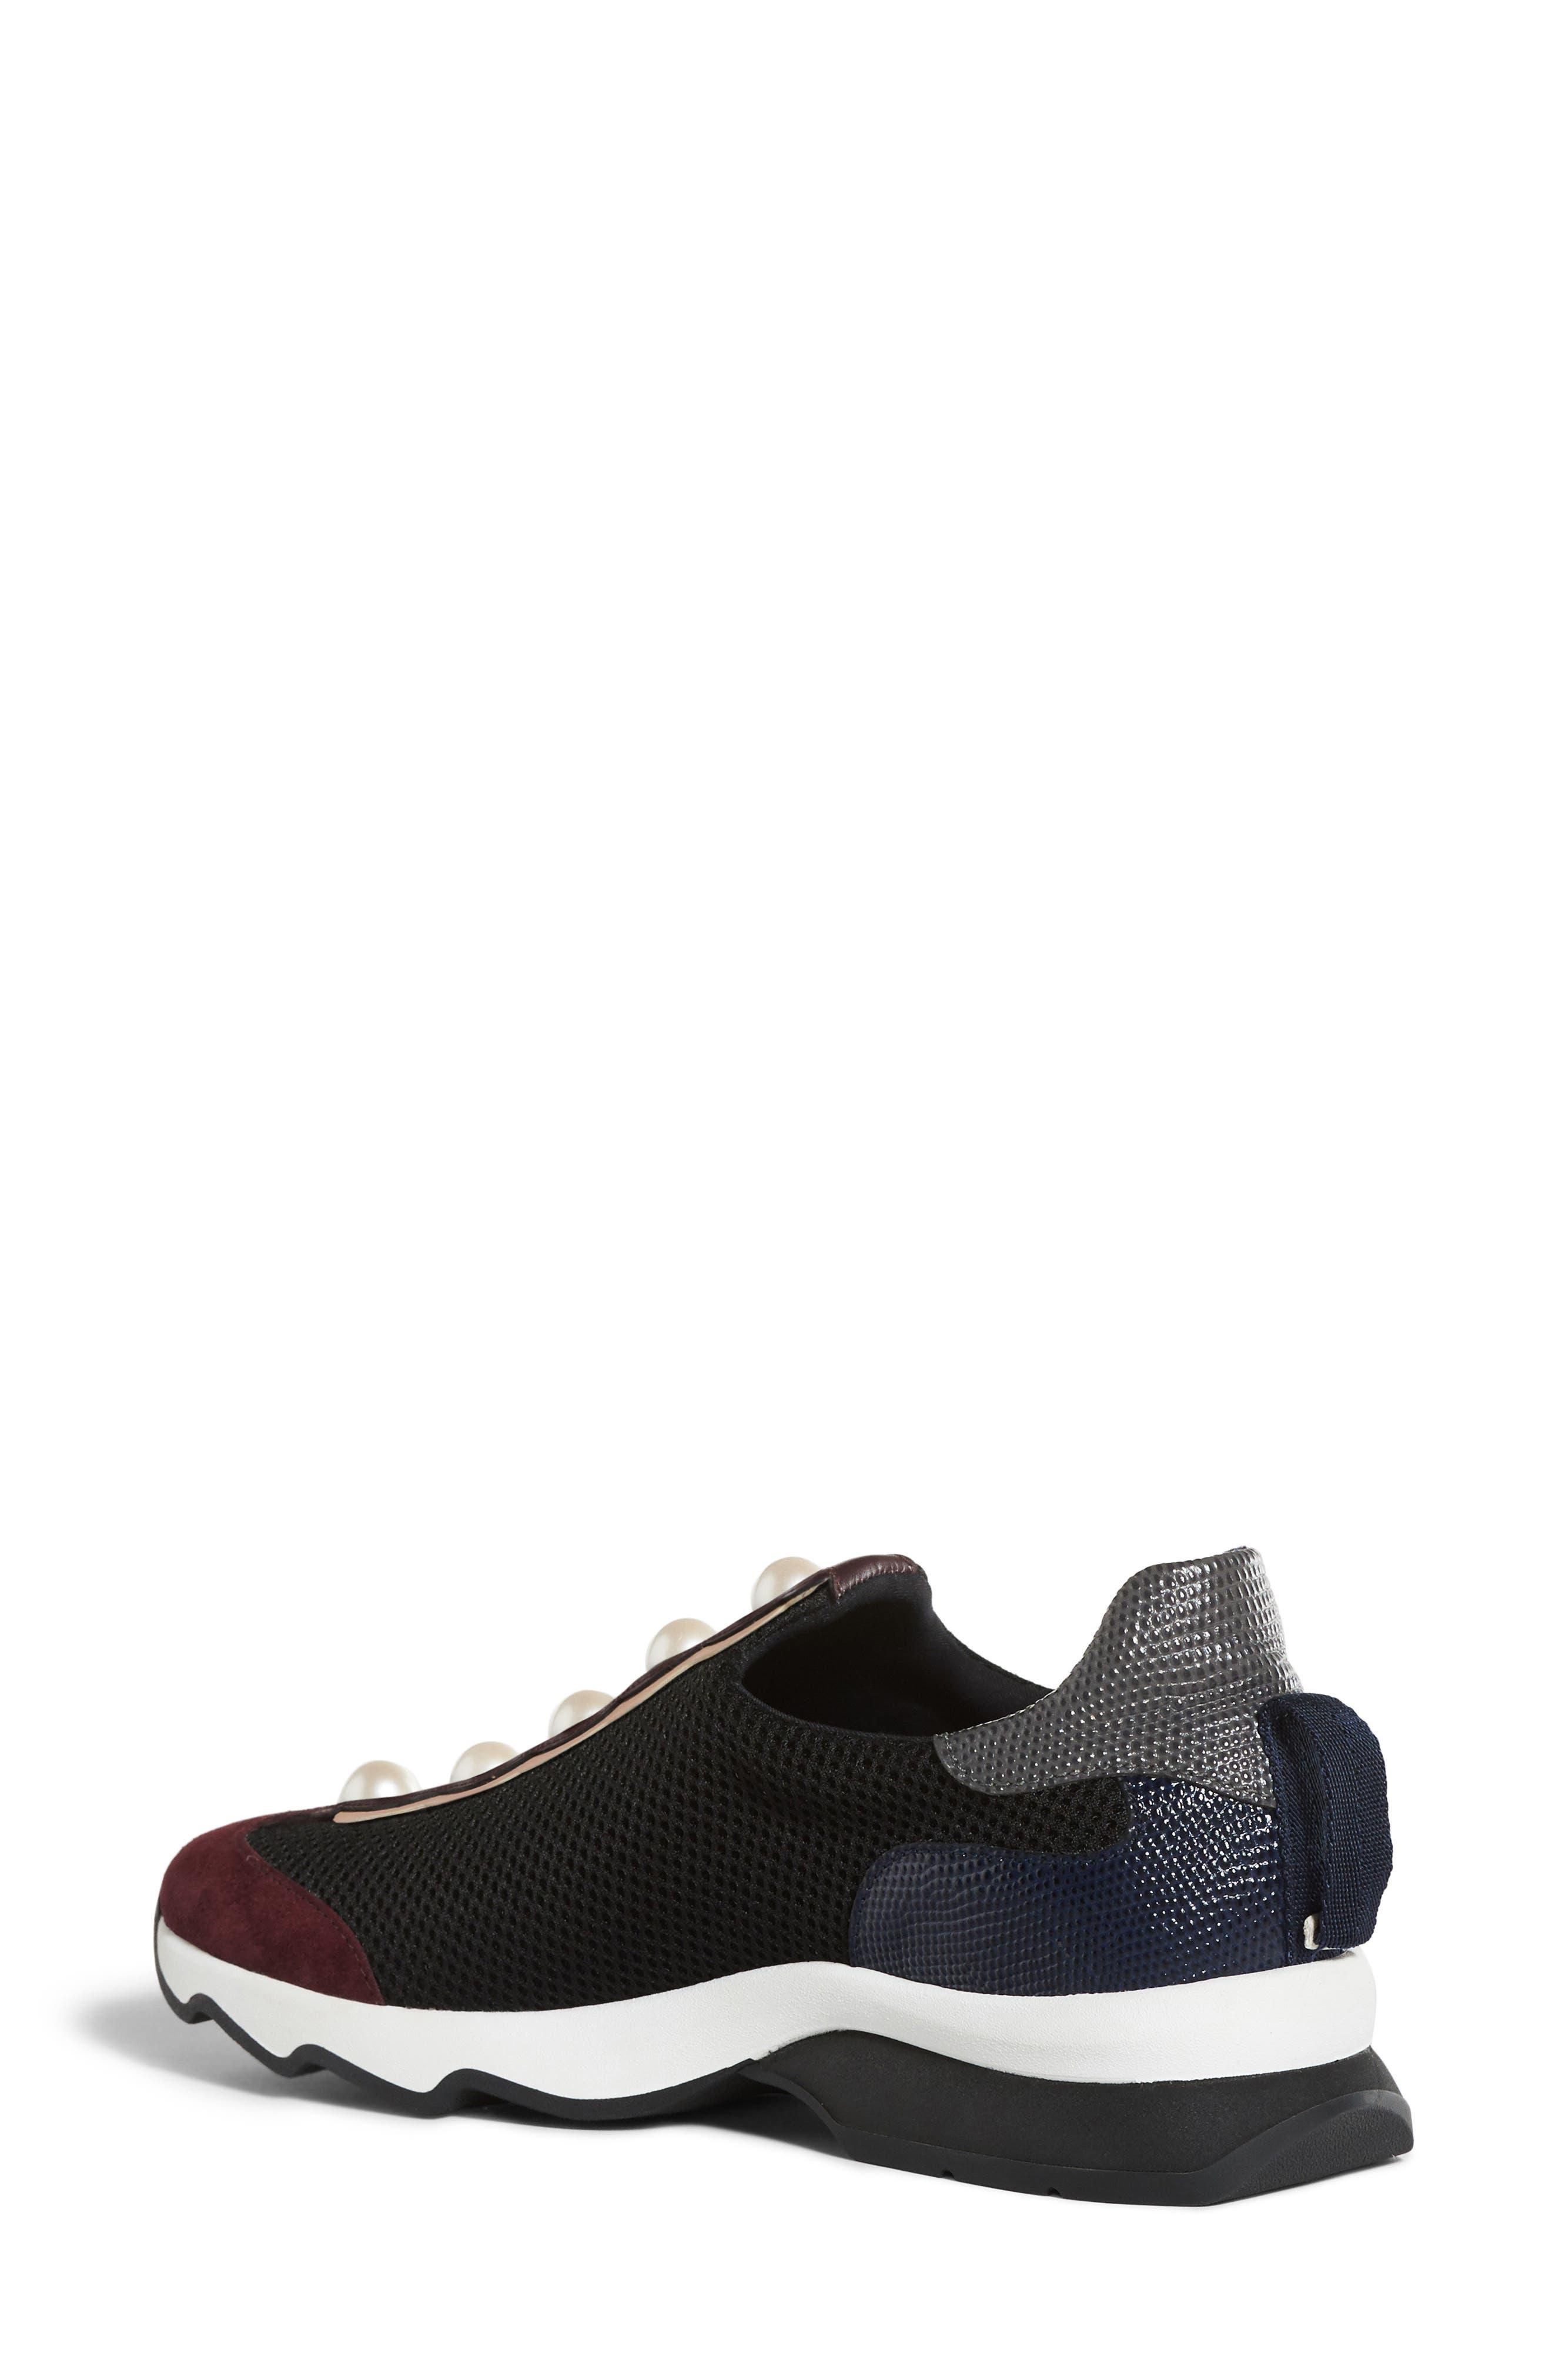 Alternate Image 2  - Fendi Pearland Slip-On Sneaker (Women)